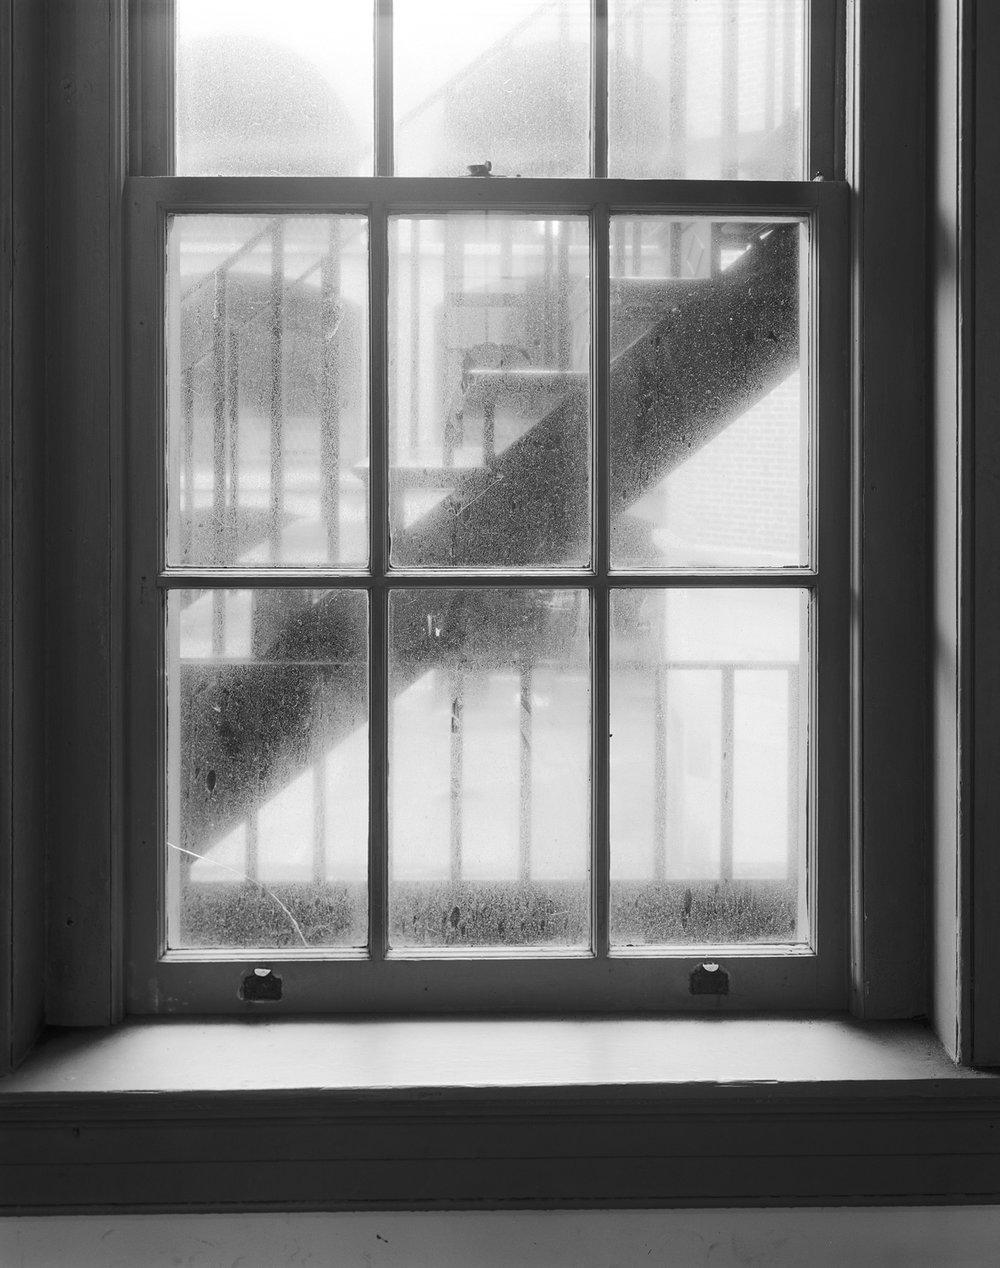 161010 Window f22*1 min N-1 8x6 Print File.jpg